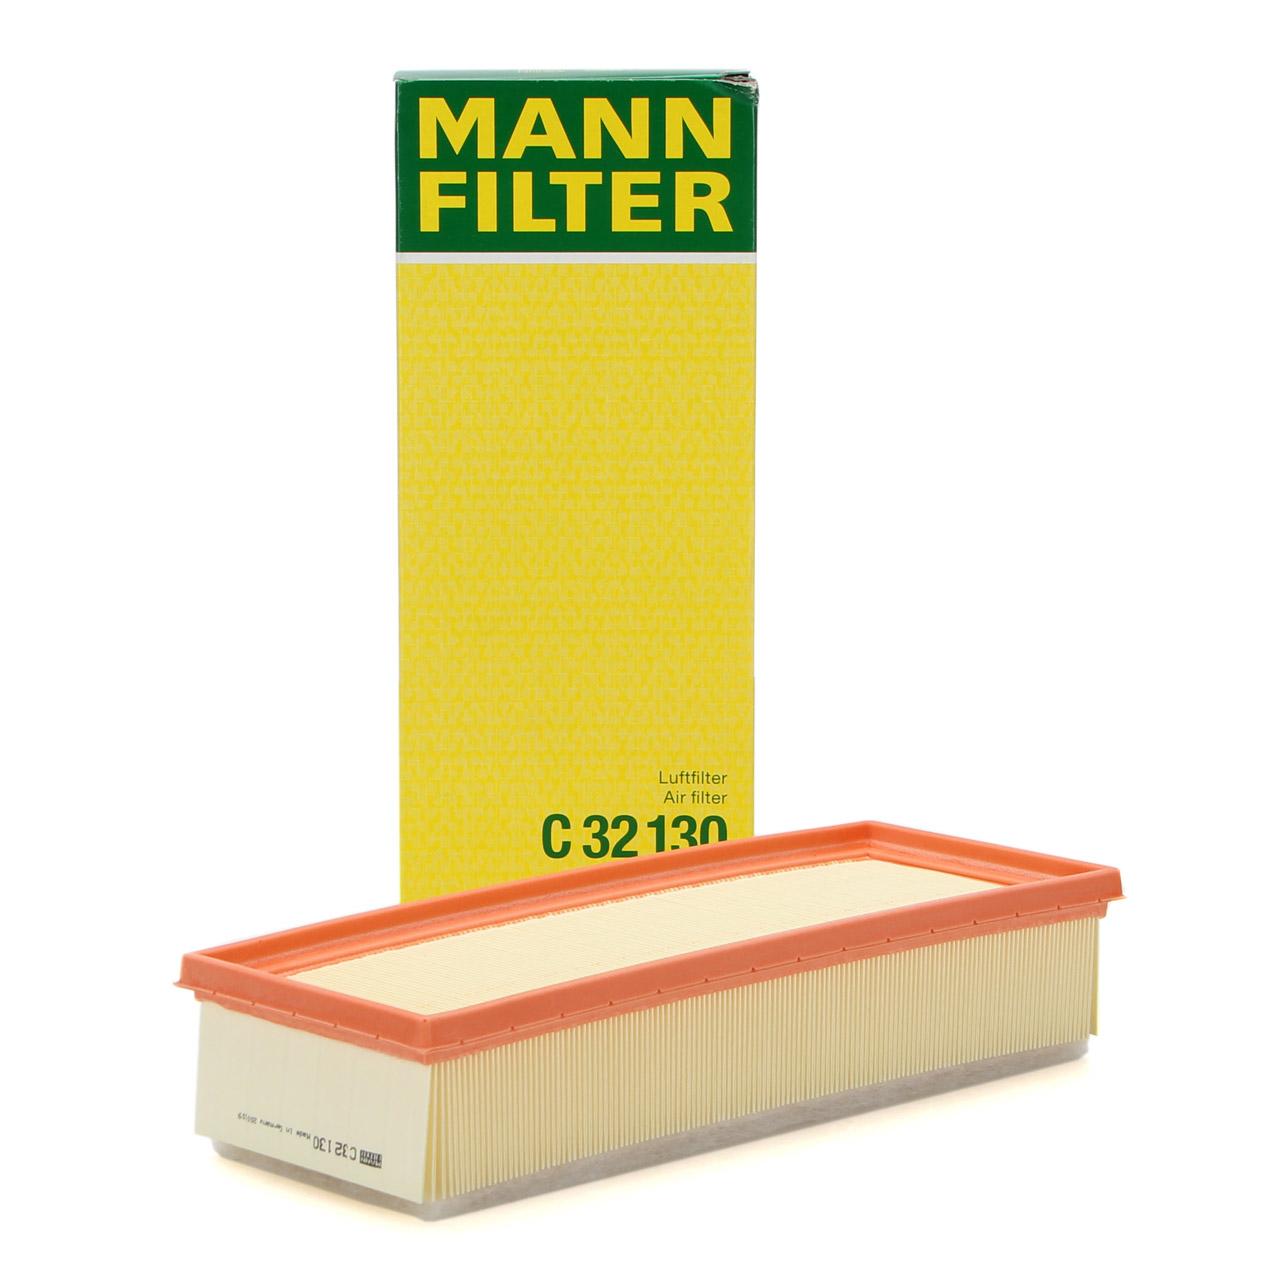 MANN C32130 Luftfilter AUDI A4 (B8) A5 (8T 8F) Q5 (8R) 1.8/2.0 TFSI 2.0 TDI